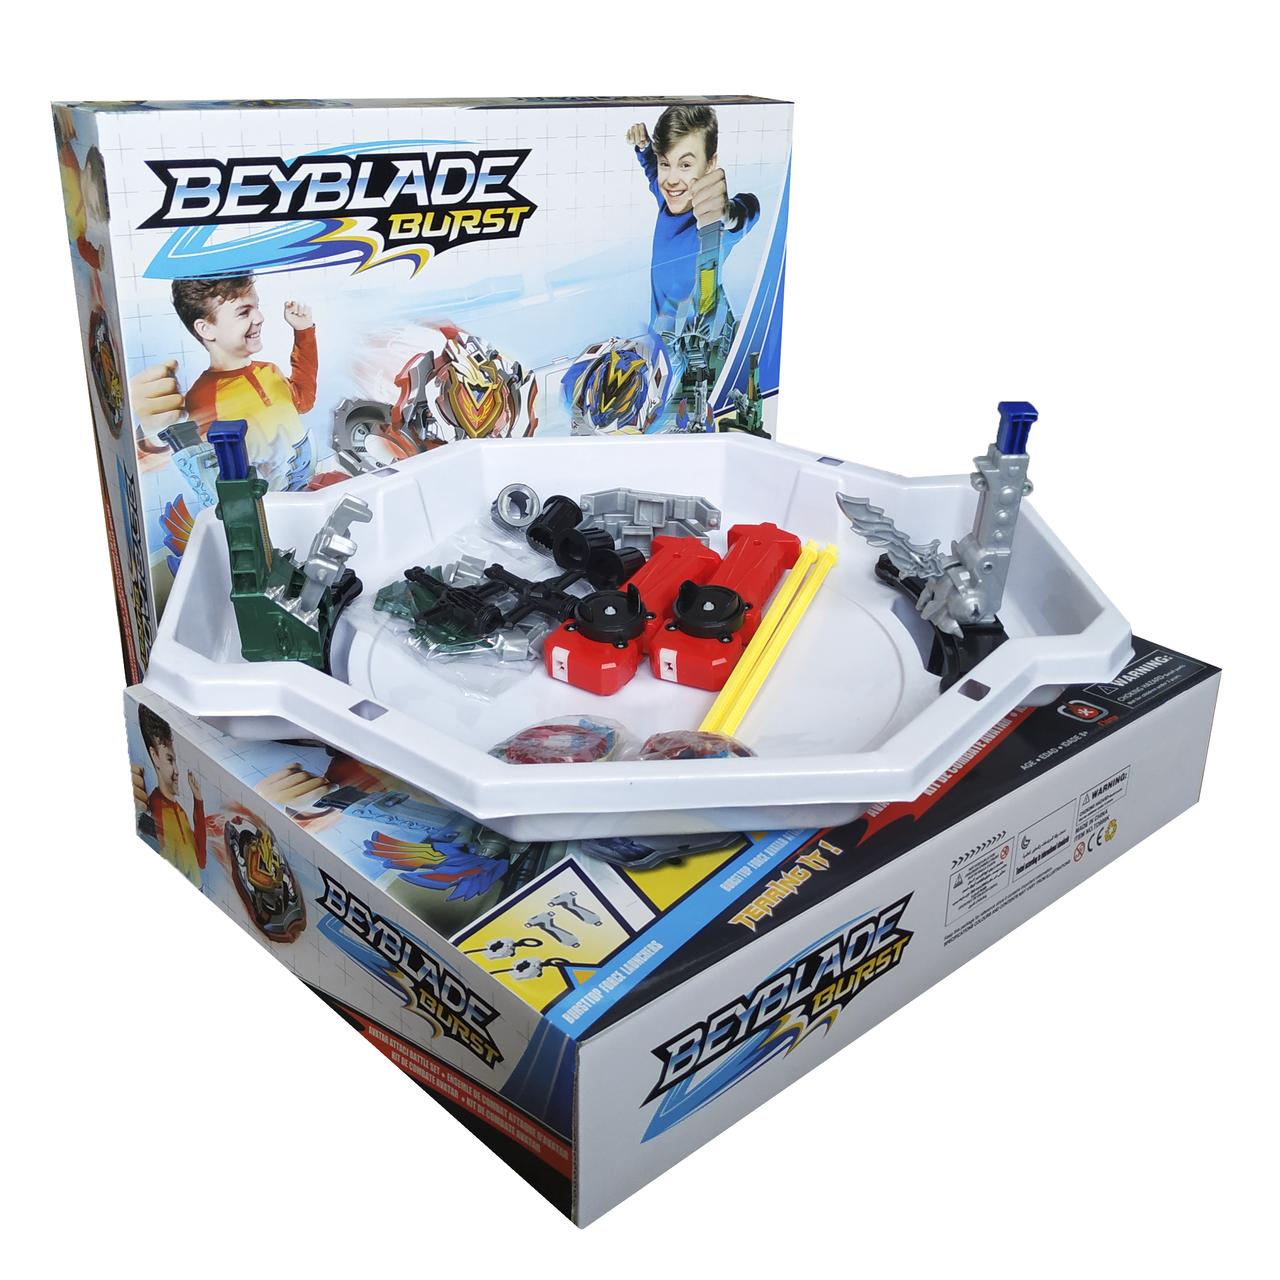 Арена Бейблейд / Beyblade Burst, с механическими ловушками (Волчки Бейблэйд в комплекте - 2шт.) sct